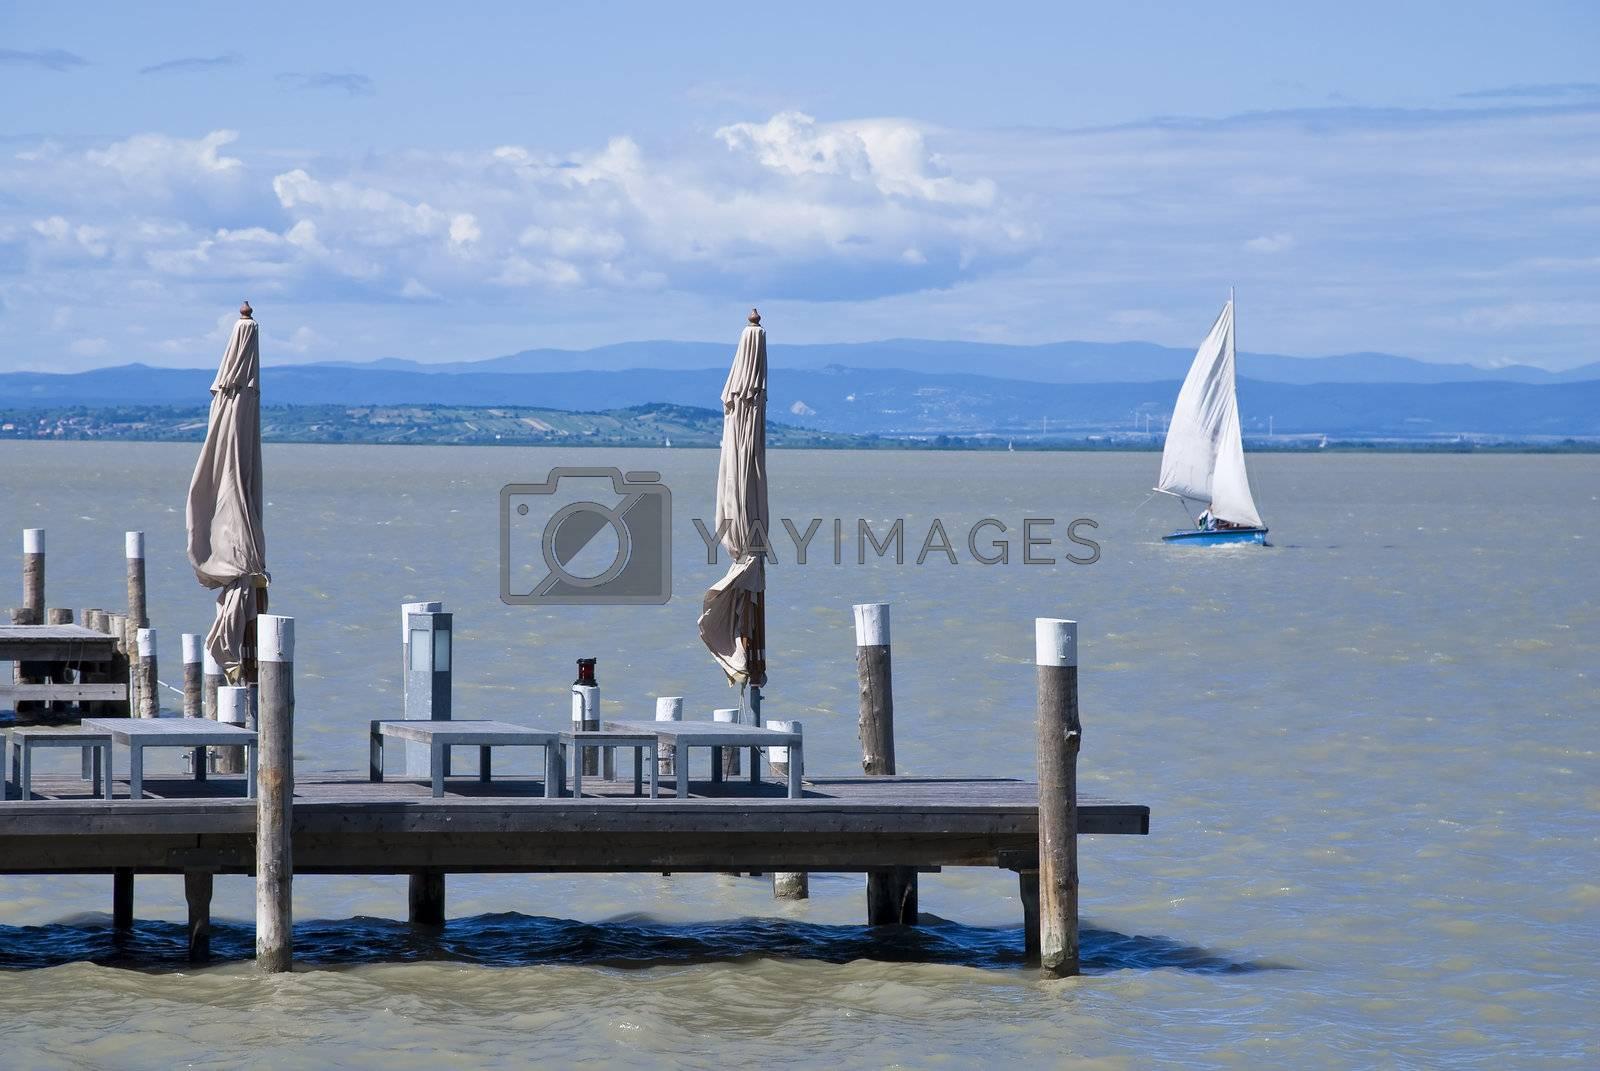 Sailing boat and pier at a lake